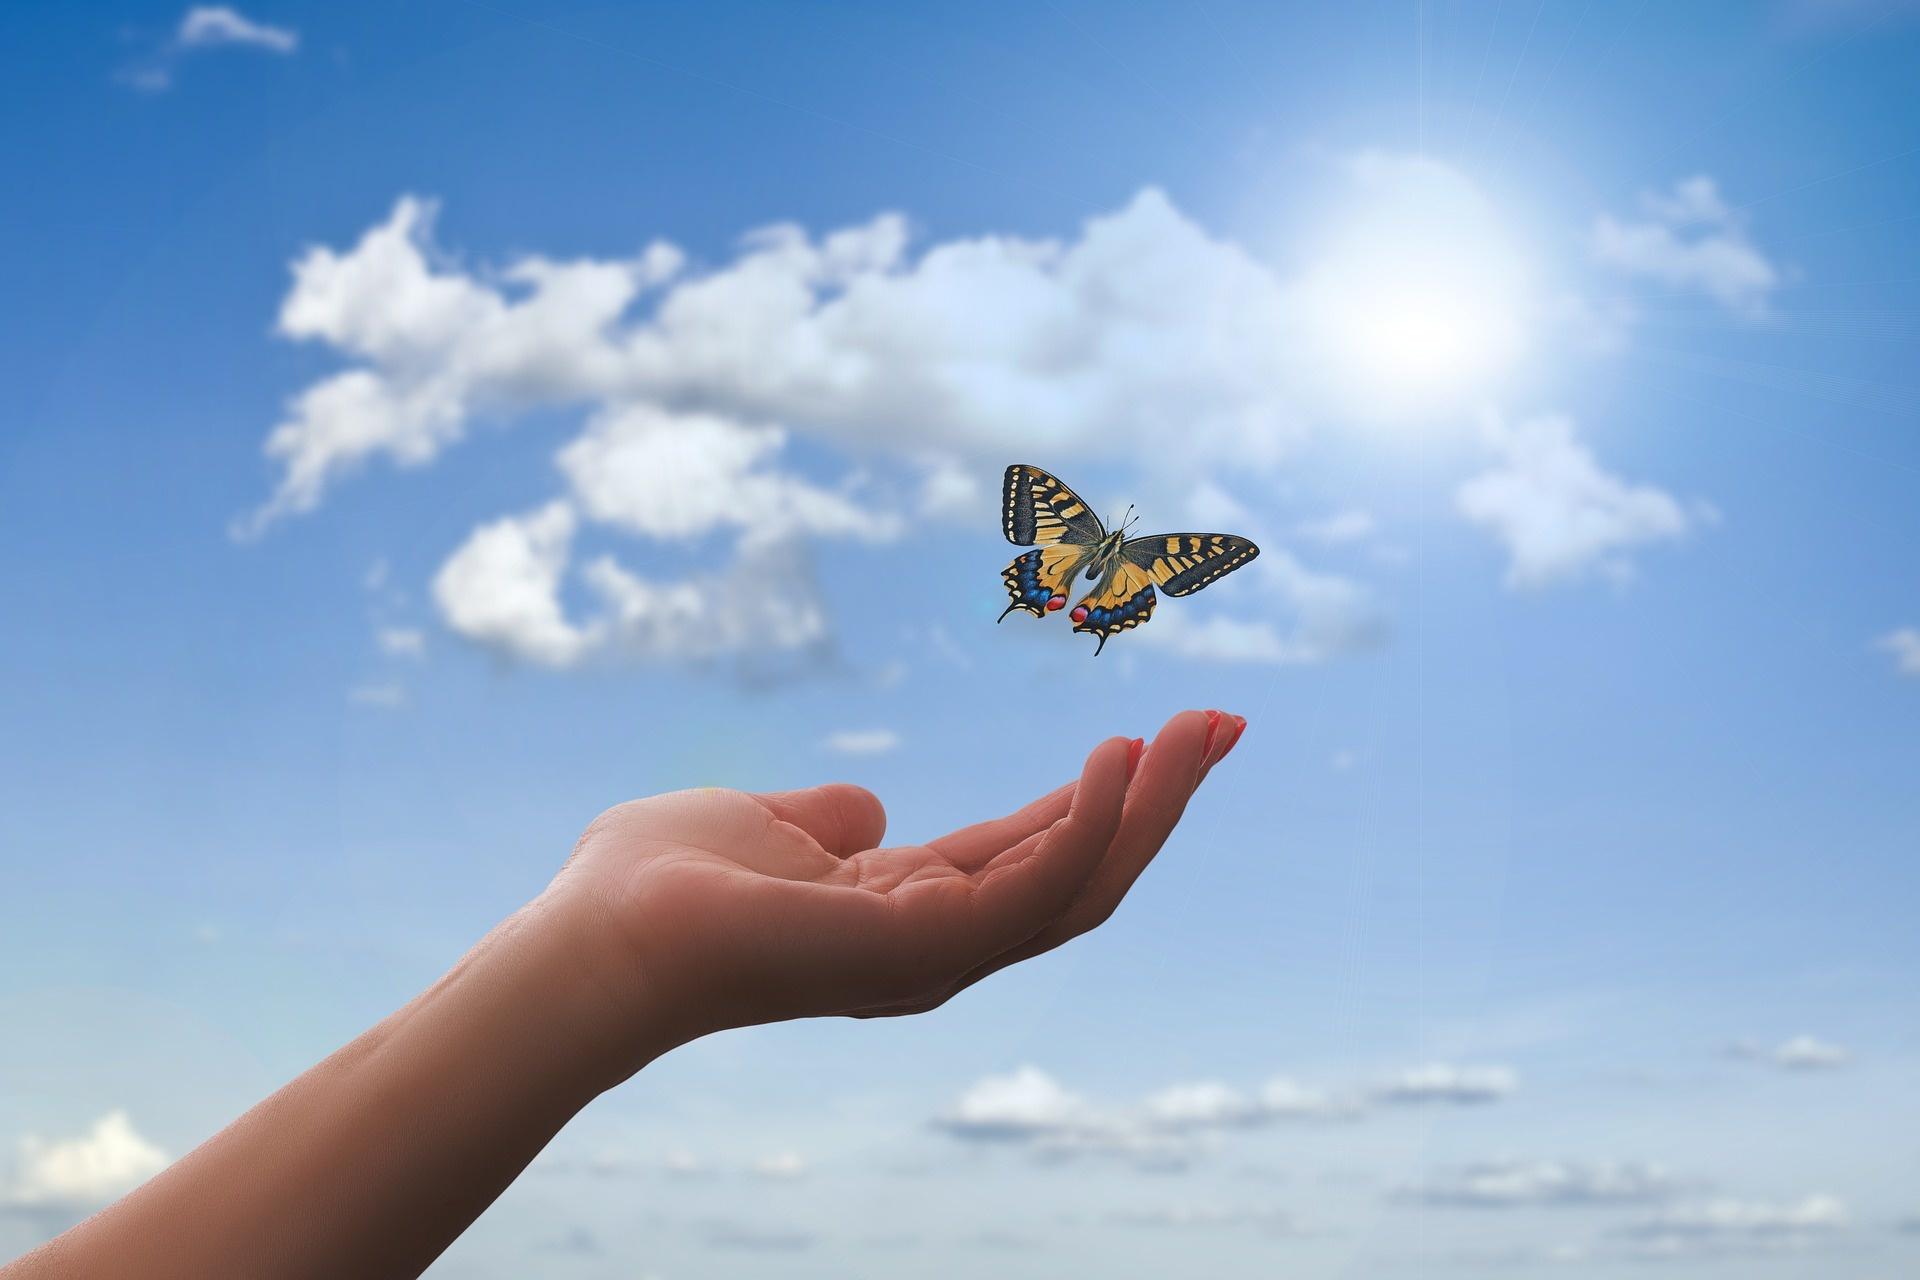 Tagesimpuls Mantra Dienstag, 8.06.2021 Portaltag Mut zur Wandlung